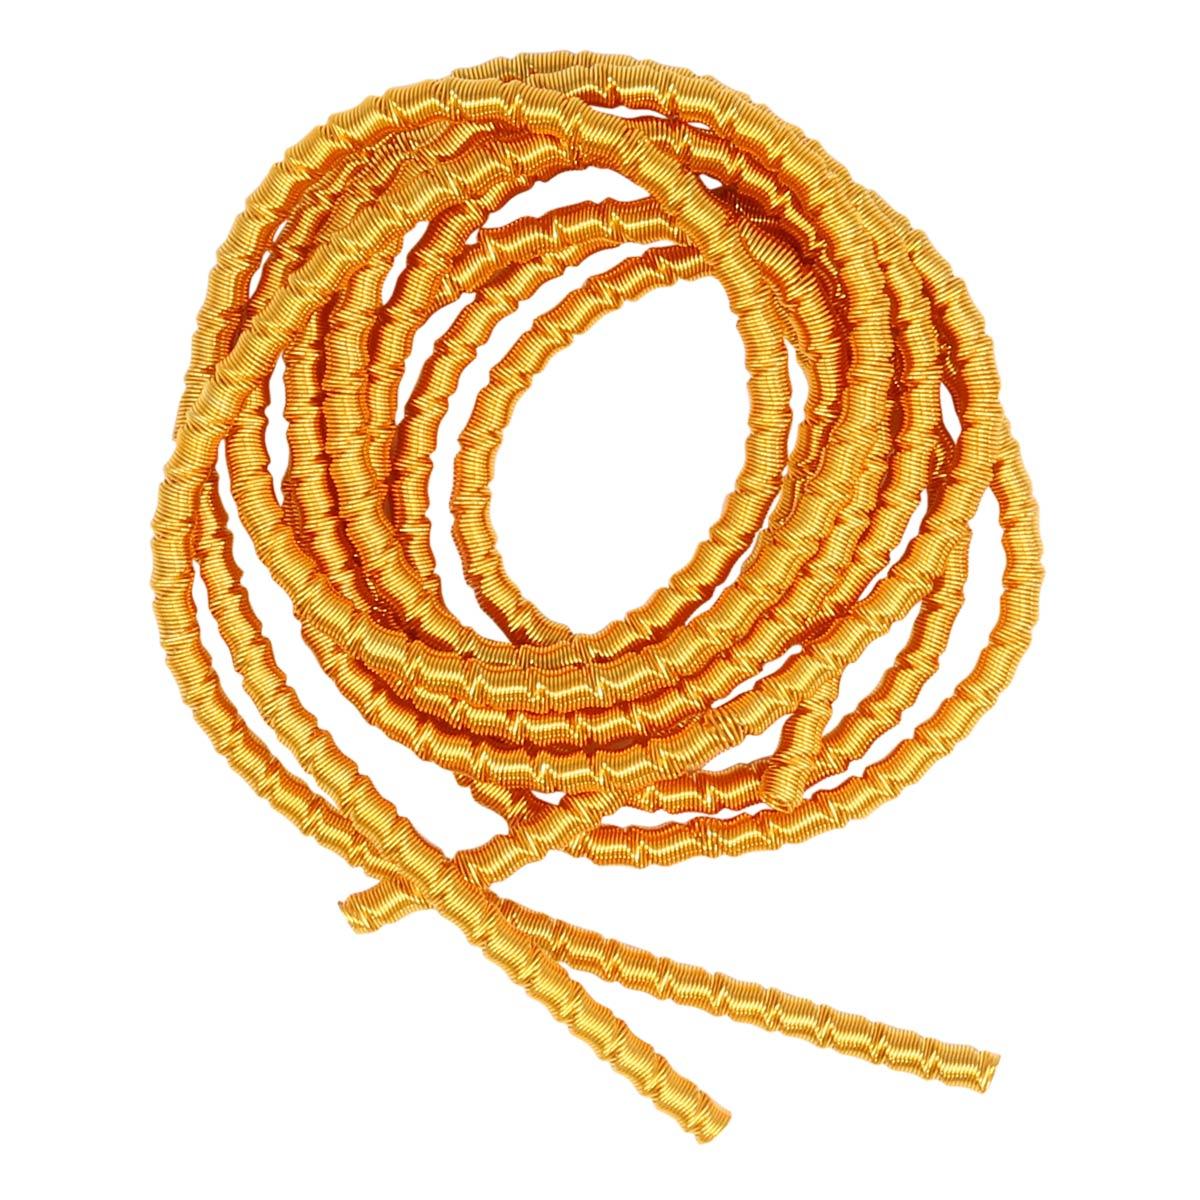 ТБ007НН2 Трунцал бамбук Оранжевый 2 мм 5 гр. +/- 0,1 гр.